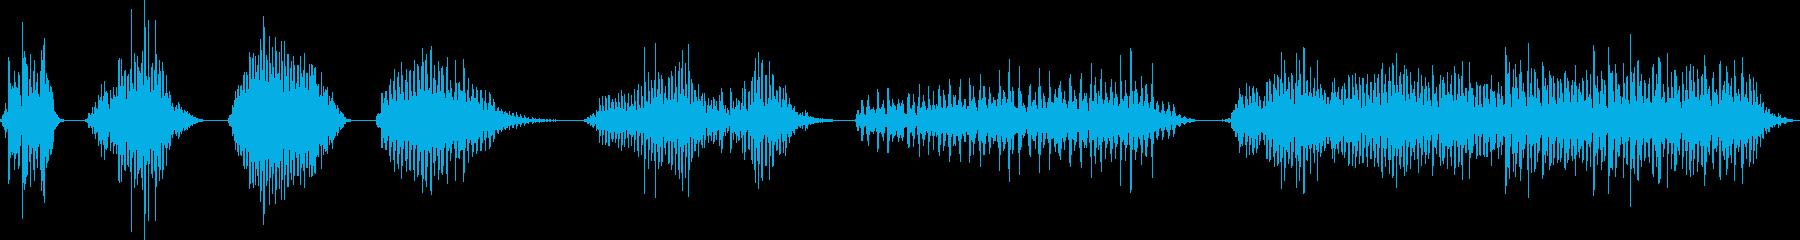 メタル、ゴング、リッド、スピン、ロ...の再生済みの波形